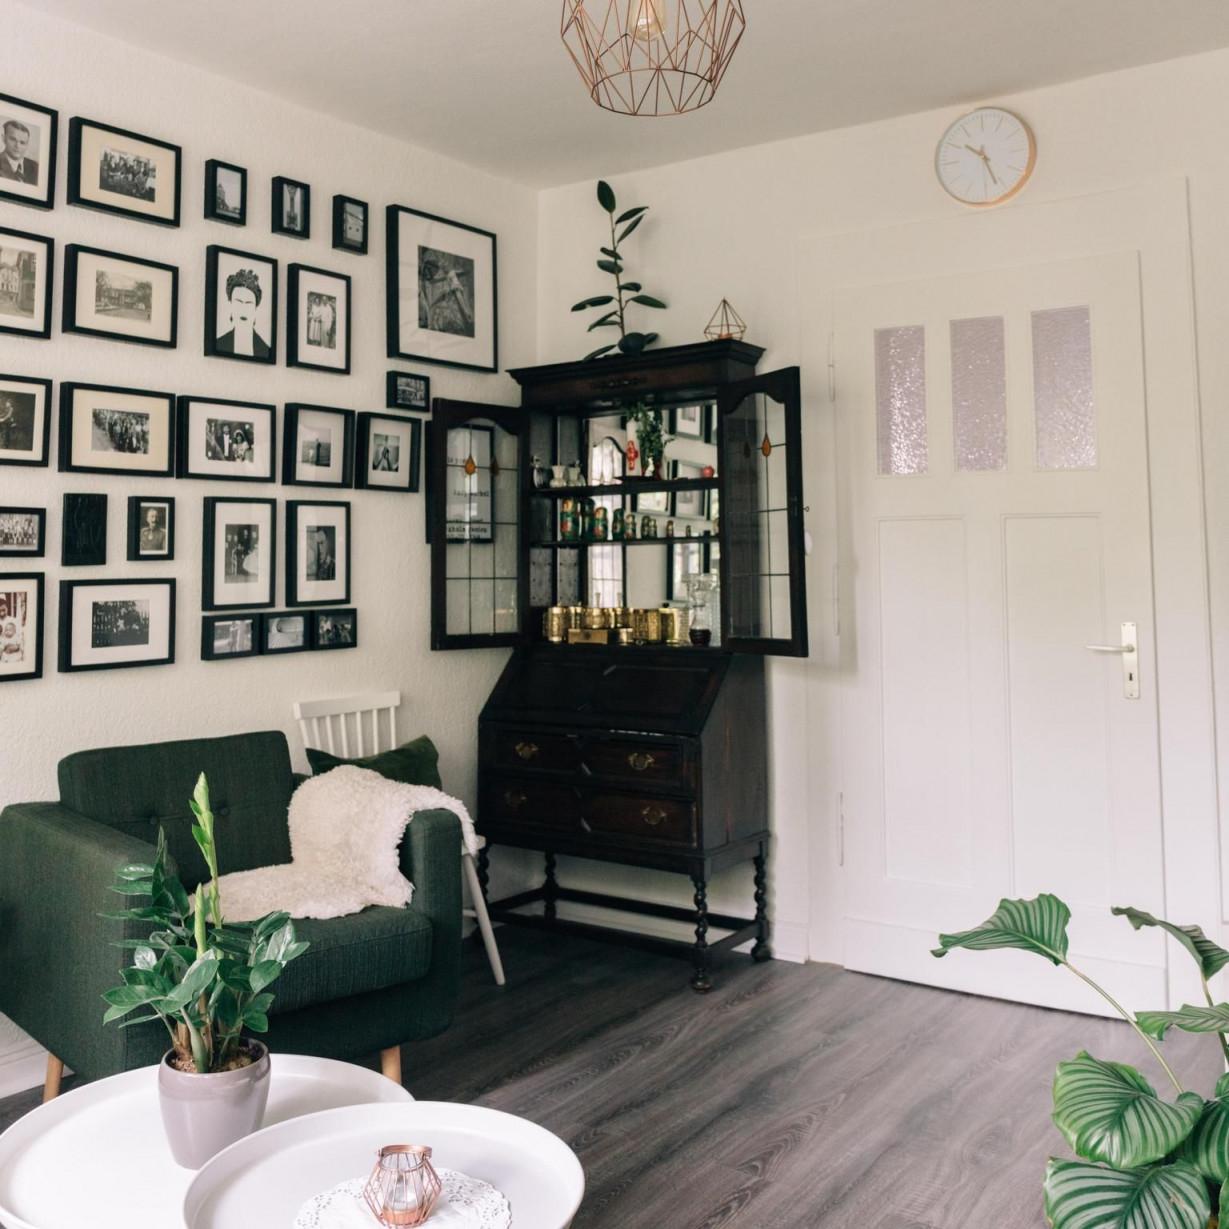 Schwarz Weiß Und Grün Dieses Wohnzimmer Und Vor Allem Die von Wohnzimmer Bilder Schwarz Weiß Photo